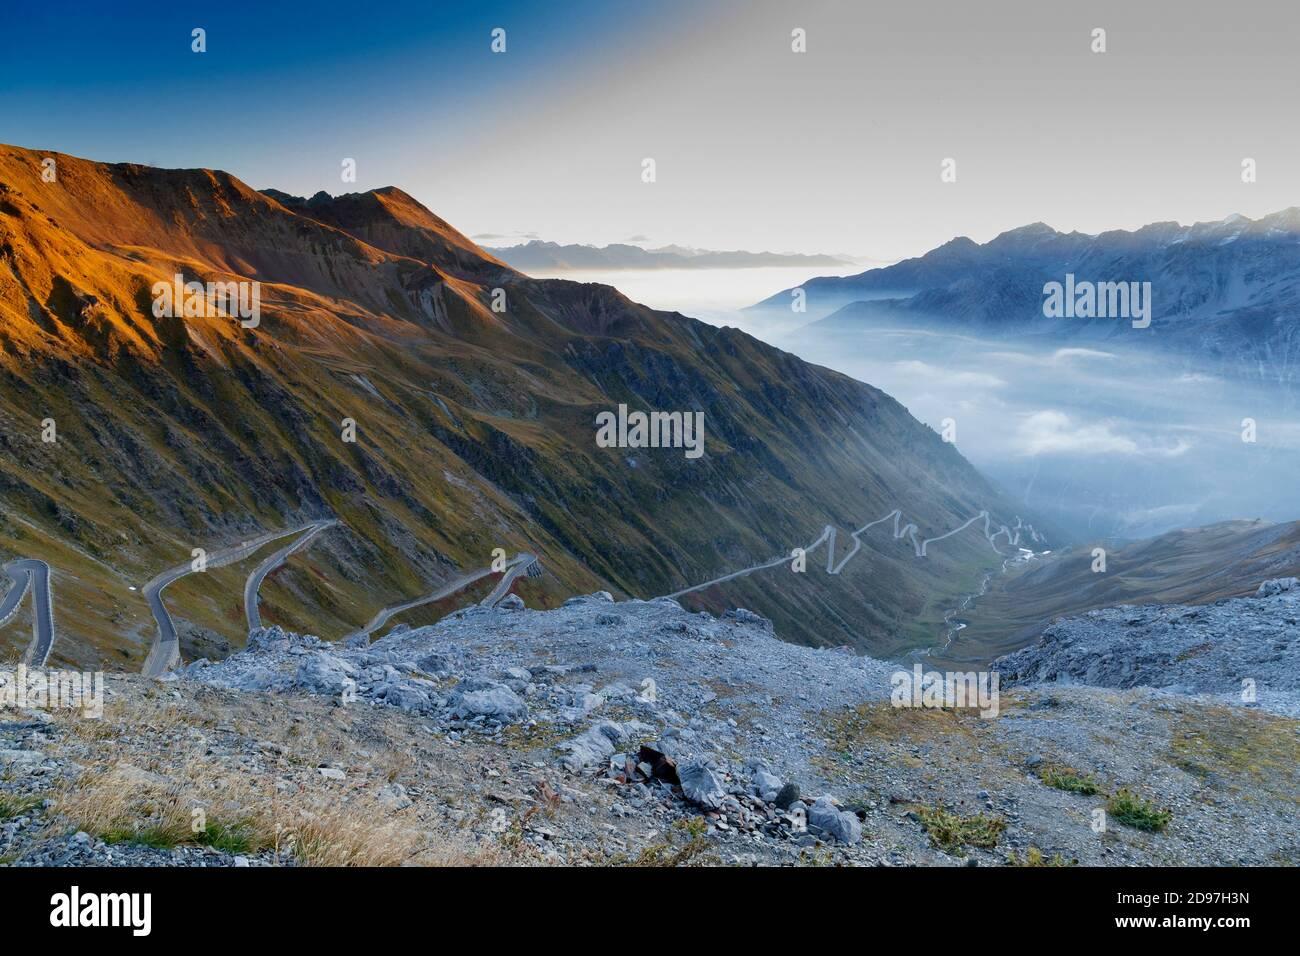 Paso de Stelvio con montañas cubiertas de nieve y una sinuosa carretera en el valle, Trentino-Alto Adige, Italia Foto de stock